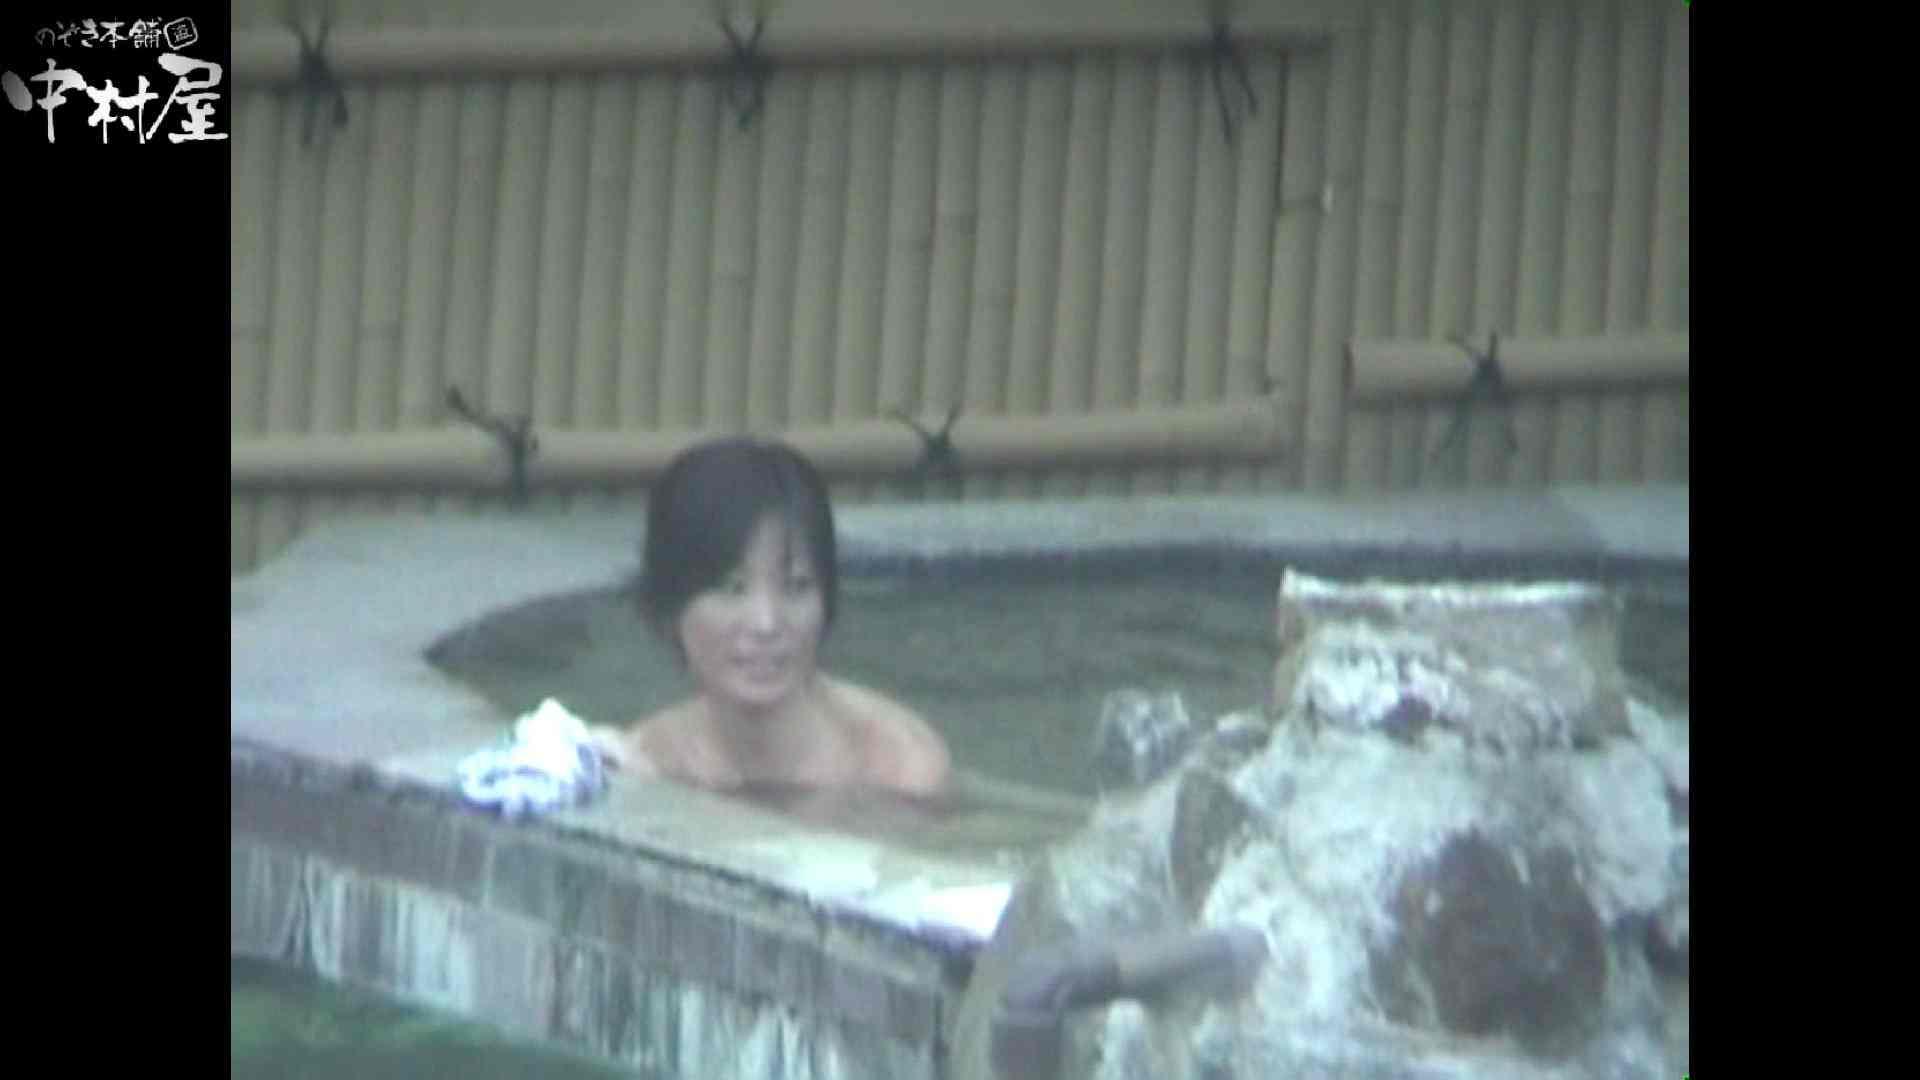 Aquaな露天風呂Vol.972 露天風呂 | 盗撮動画  9枚 1